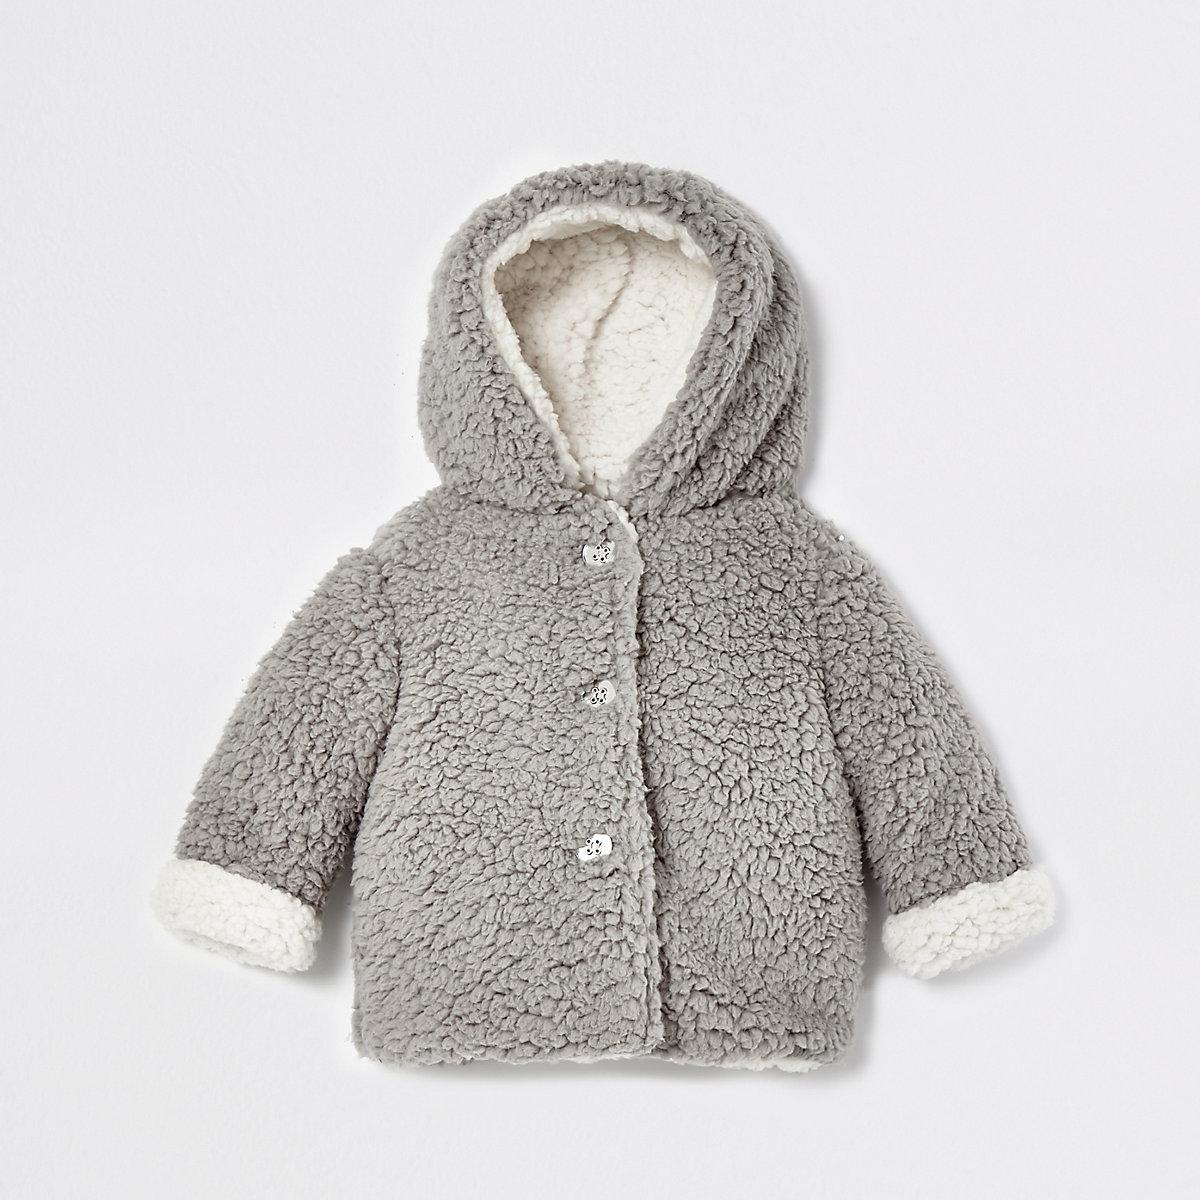 Baby grey fleece fleece jacket